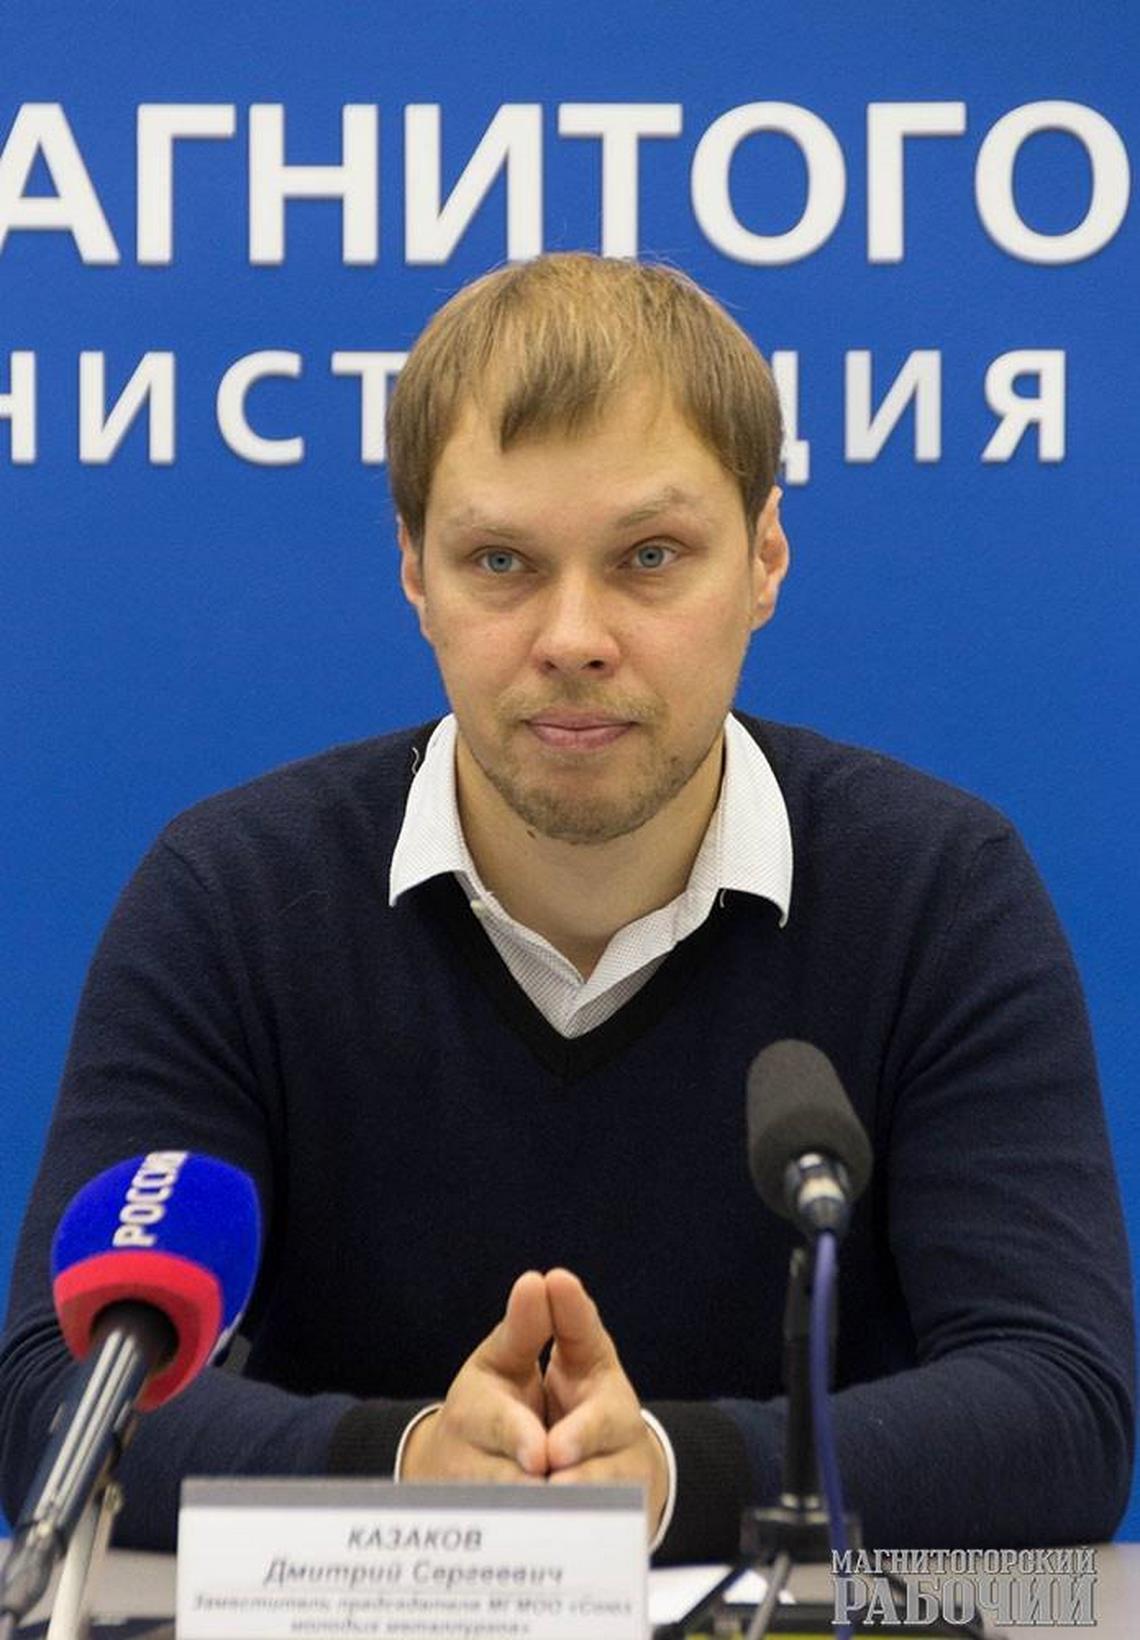 Стратегия-2035 Магнитогорска: на что власти делают ставку в развитии города